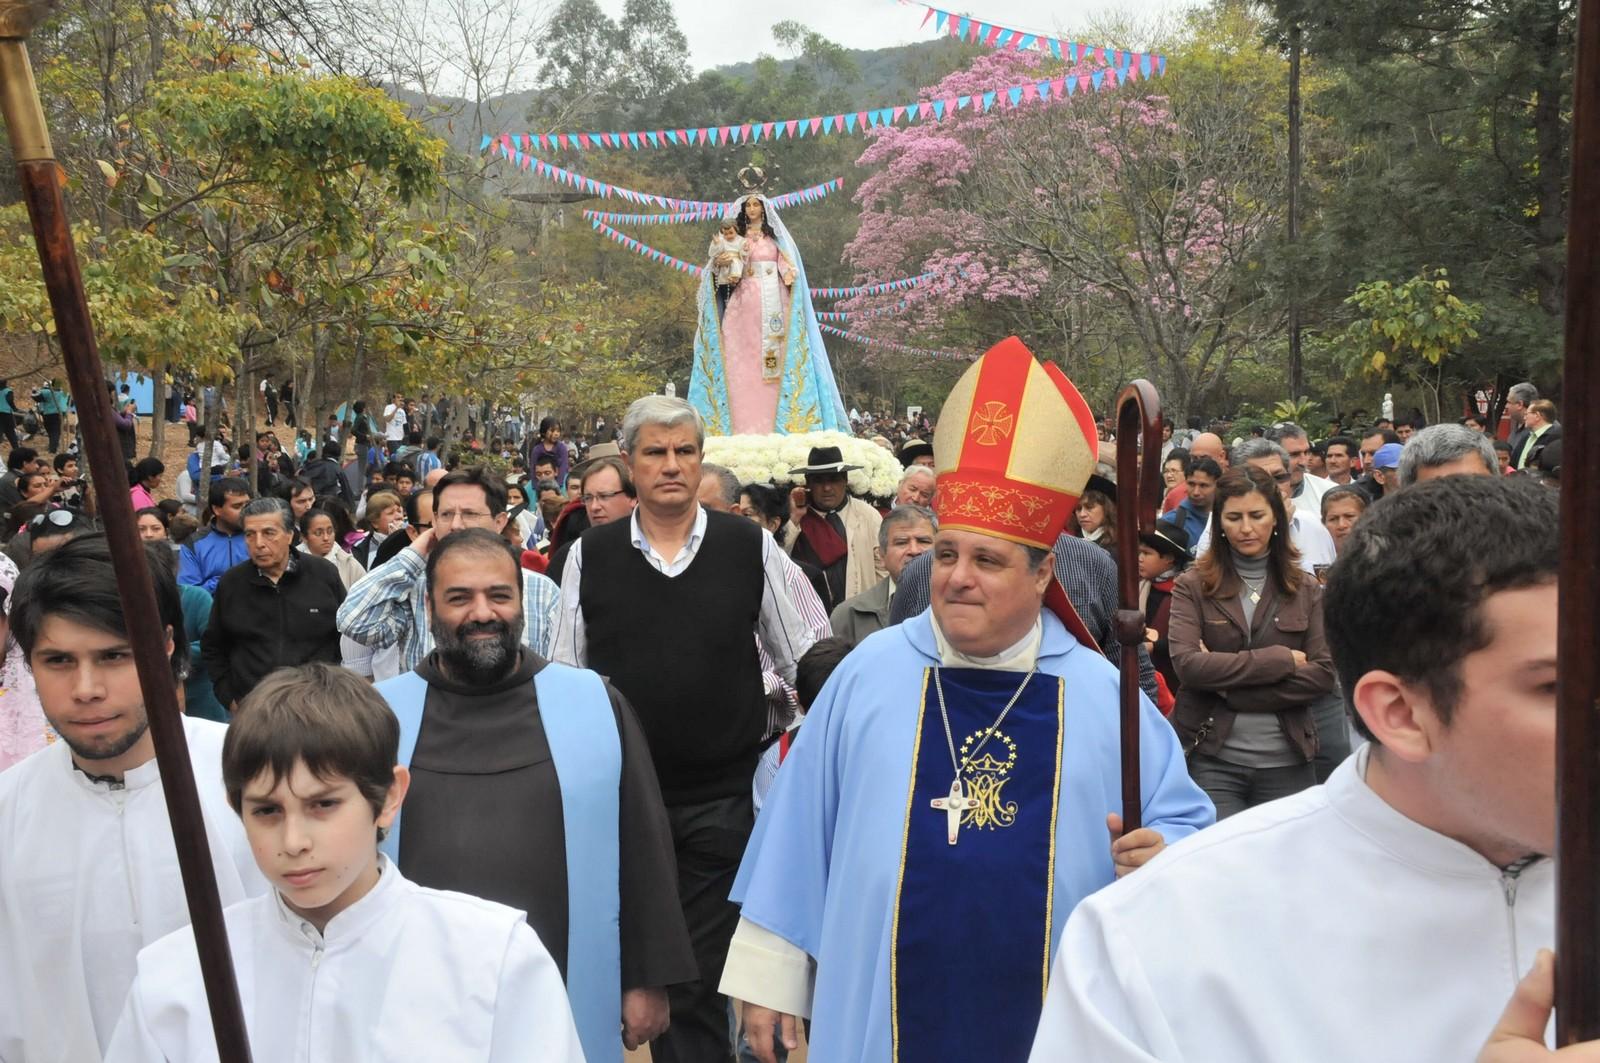 La Virgen que se ve en un Cerro: Virgen de la Peña de Yariguarenda, Salta, Argentina (8 de diciembre, 3º dgo agosto)